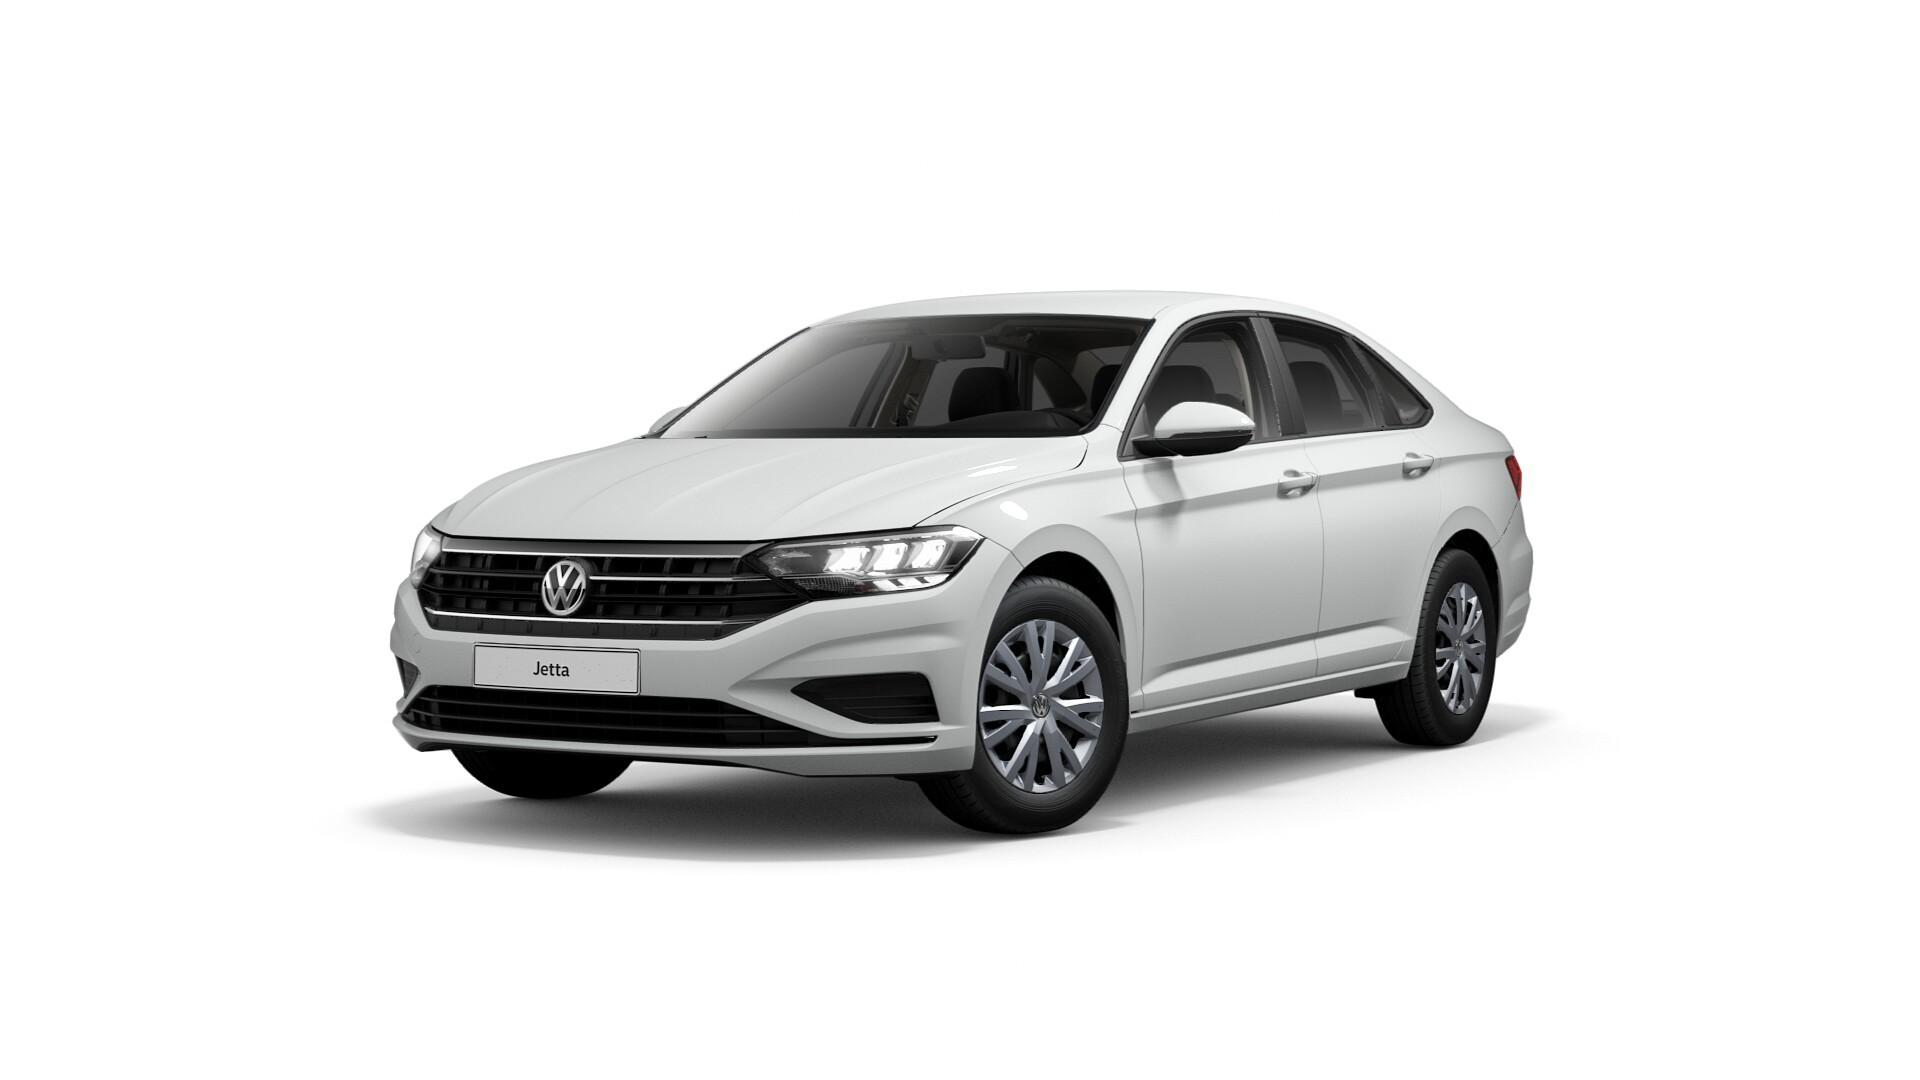 Volkswagen Jetta new Седан (Origin)